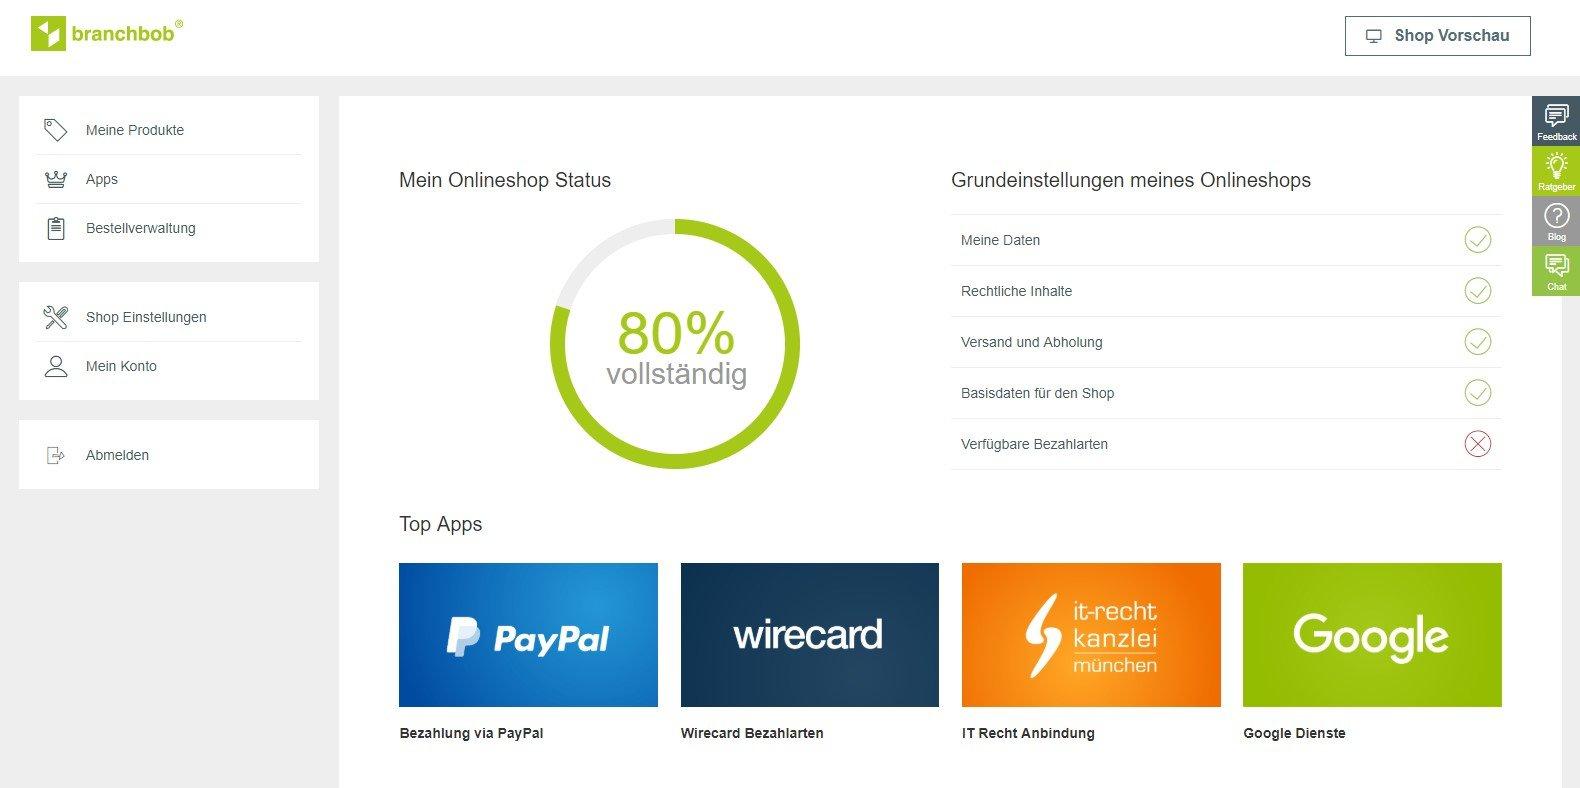 Branchbob Onlineshop Komplett Kostenlos Erstellen Mehr Infos Hier